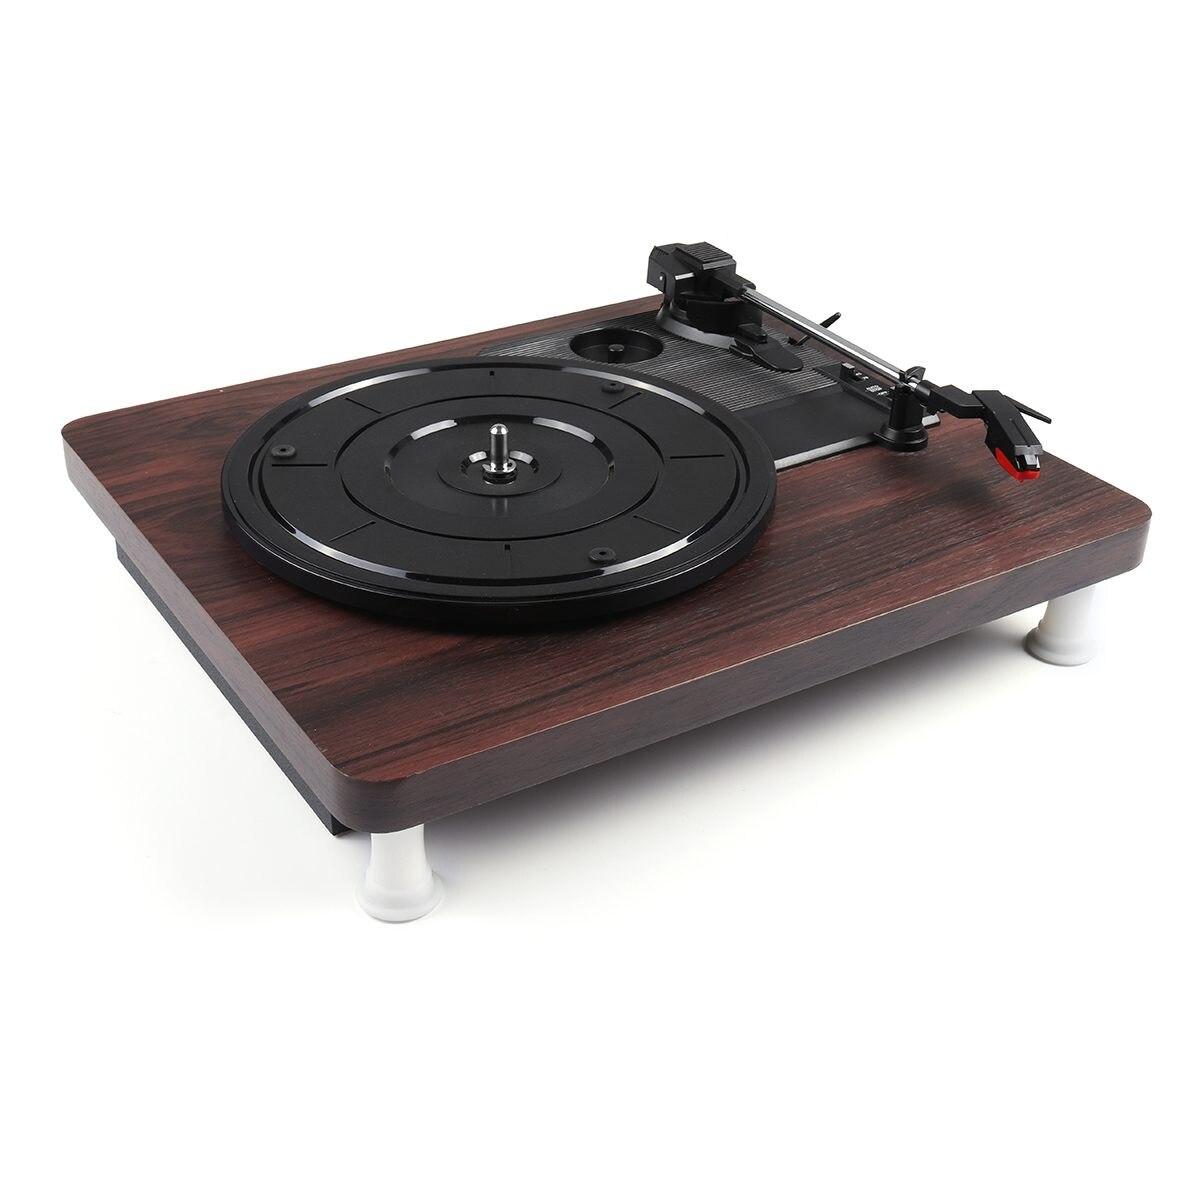 33, 45, 78 tr/min lecteur de disque Antique Gramophone tourne-disque vinyle Audio RCA R/L 3.5mm sortie USB DC 5V couleur bois - 3